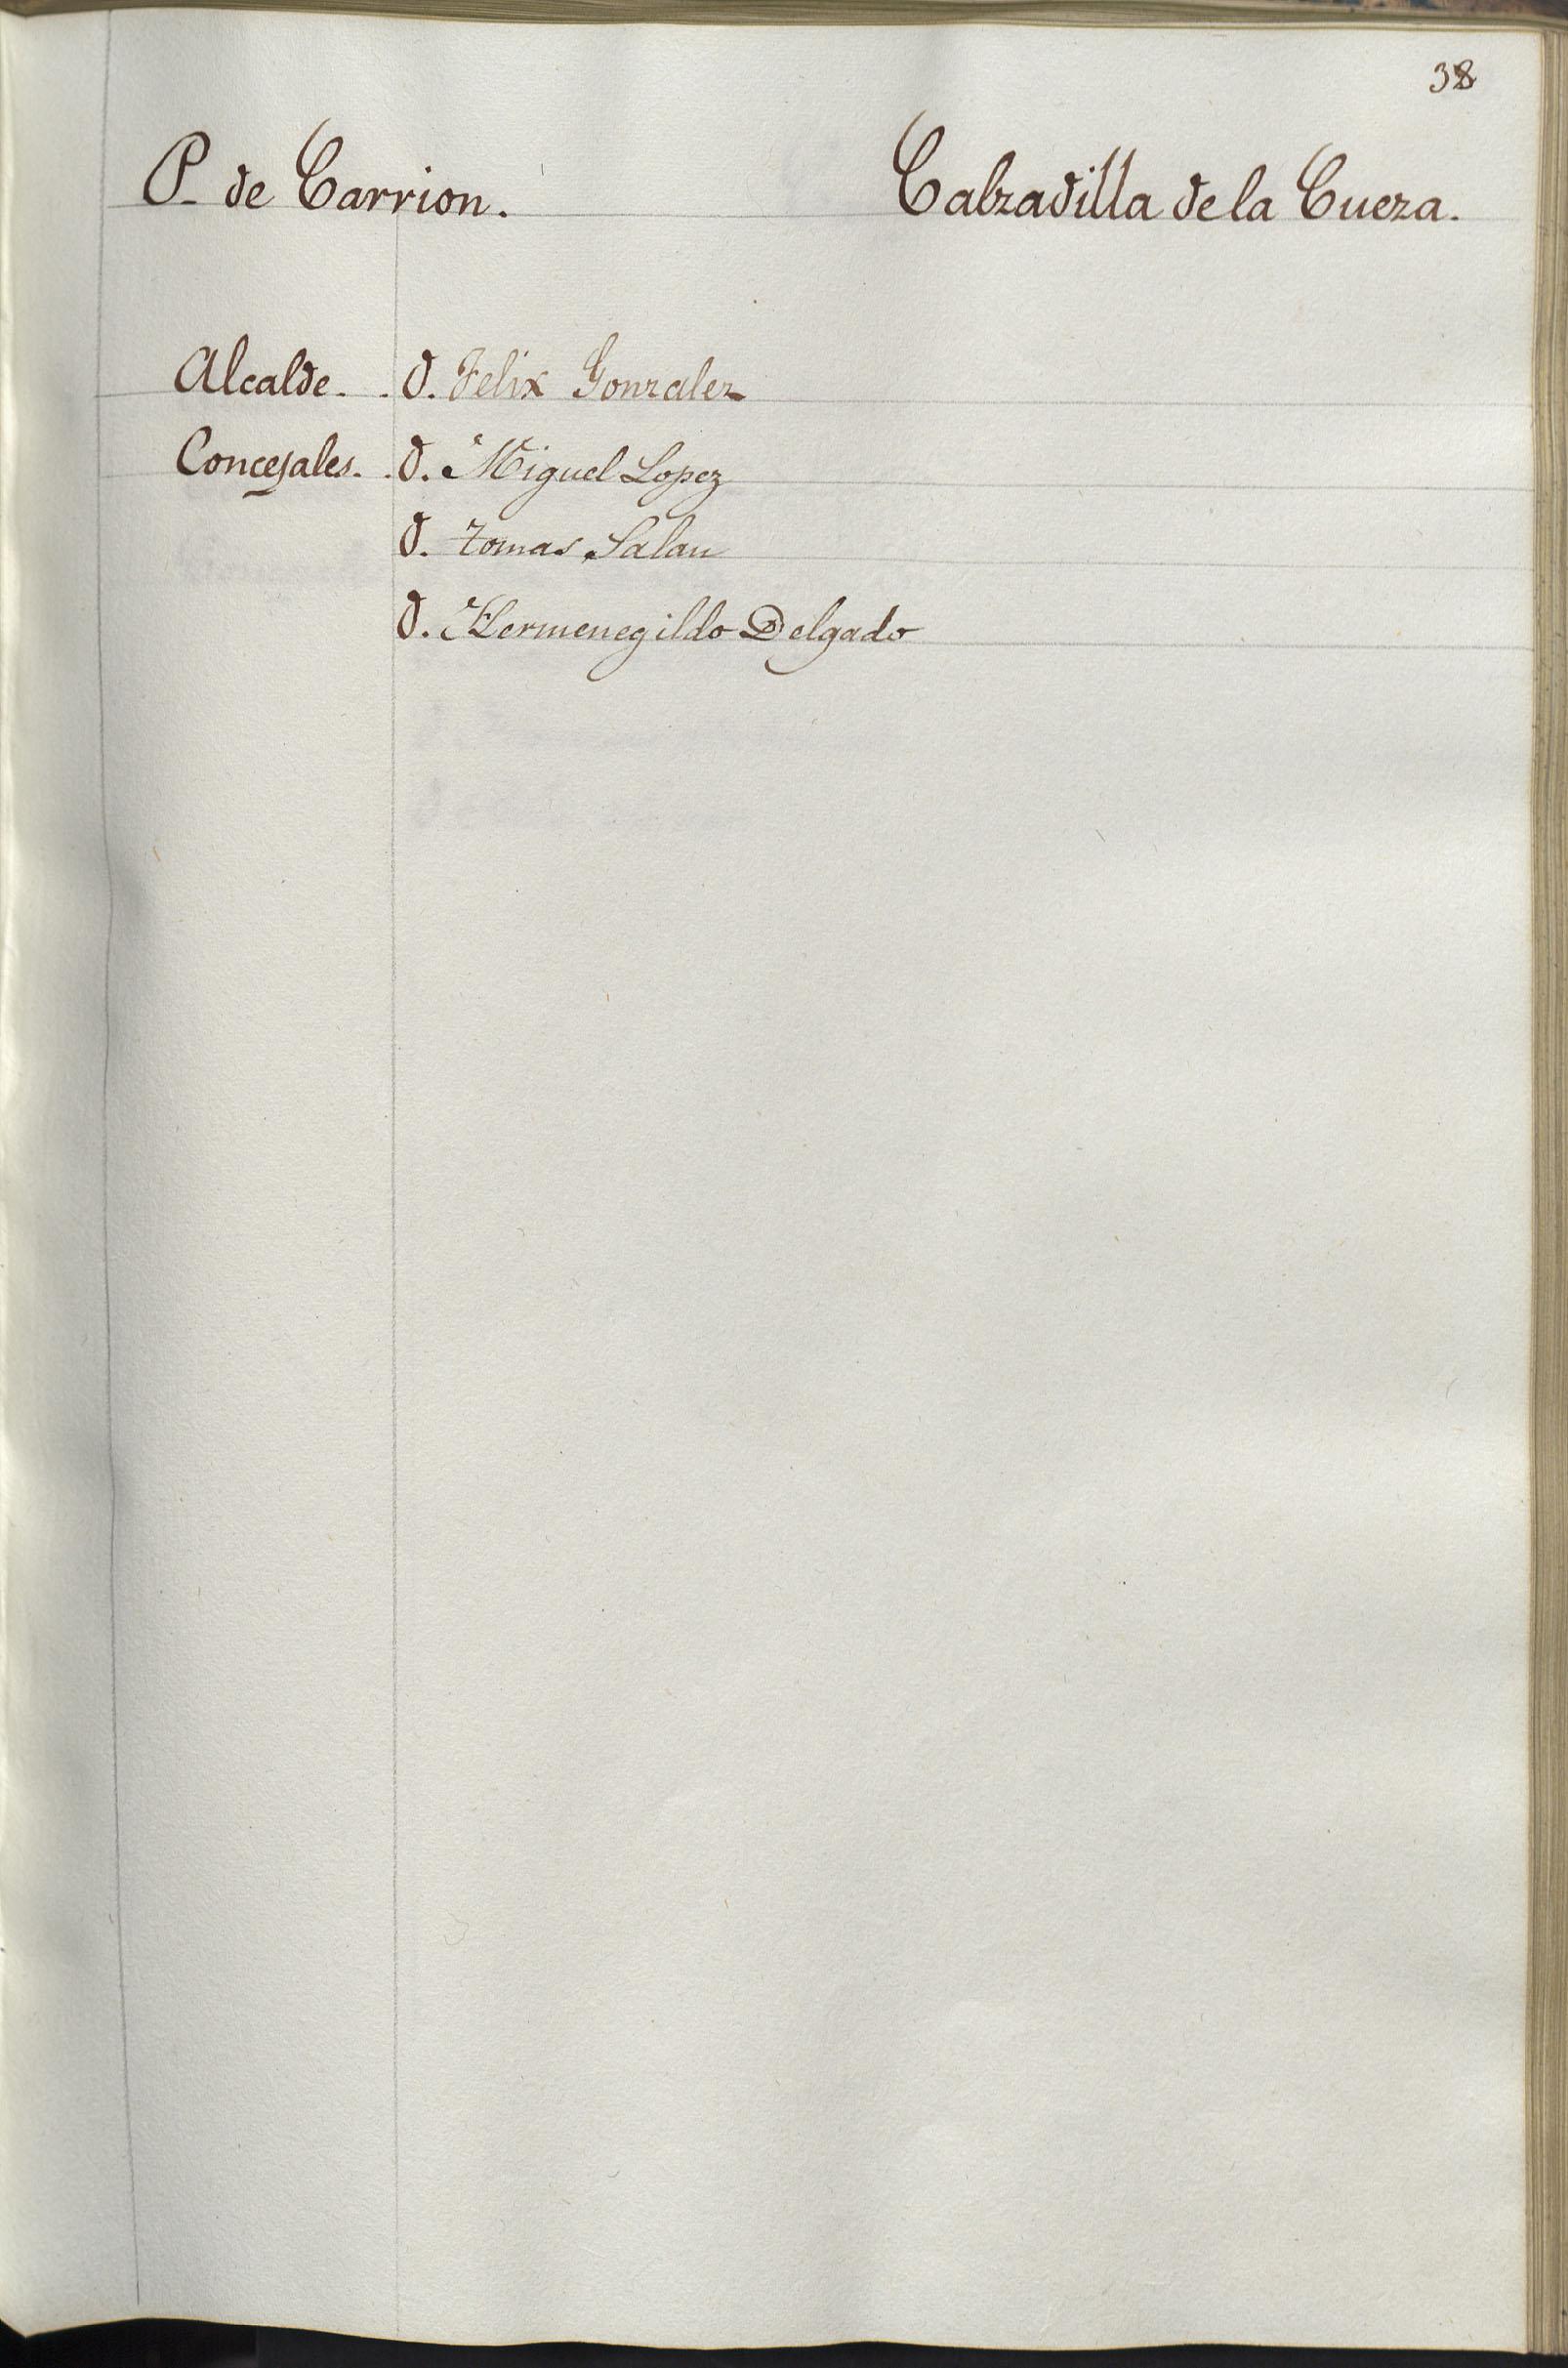 REGISTRO DE CARGOS DEL AYUNTAMIENTO DE CALZADILLA DE LA CUEZA DEL 1848 – 1933.